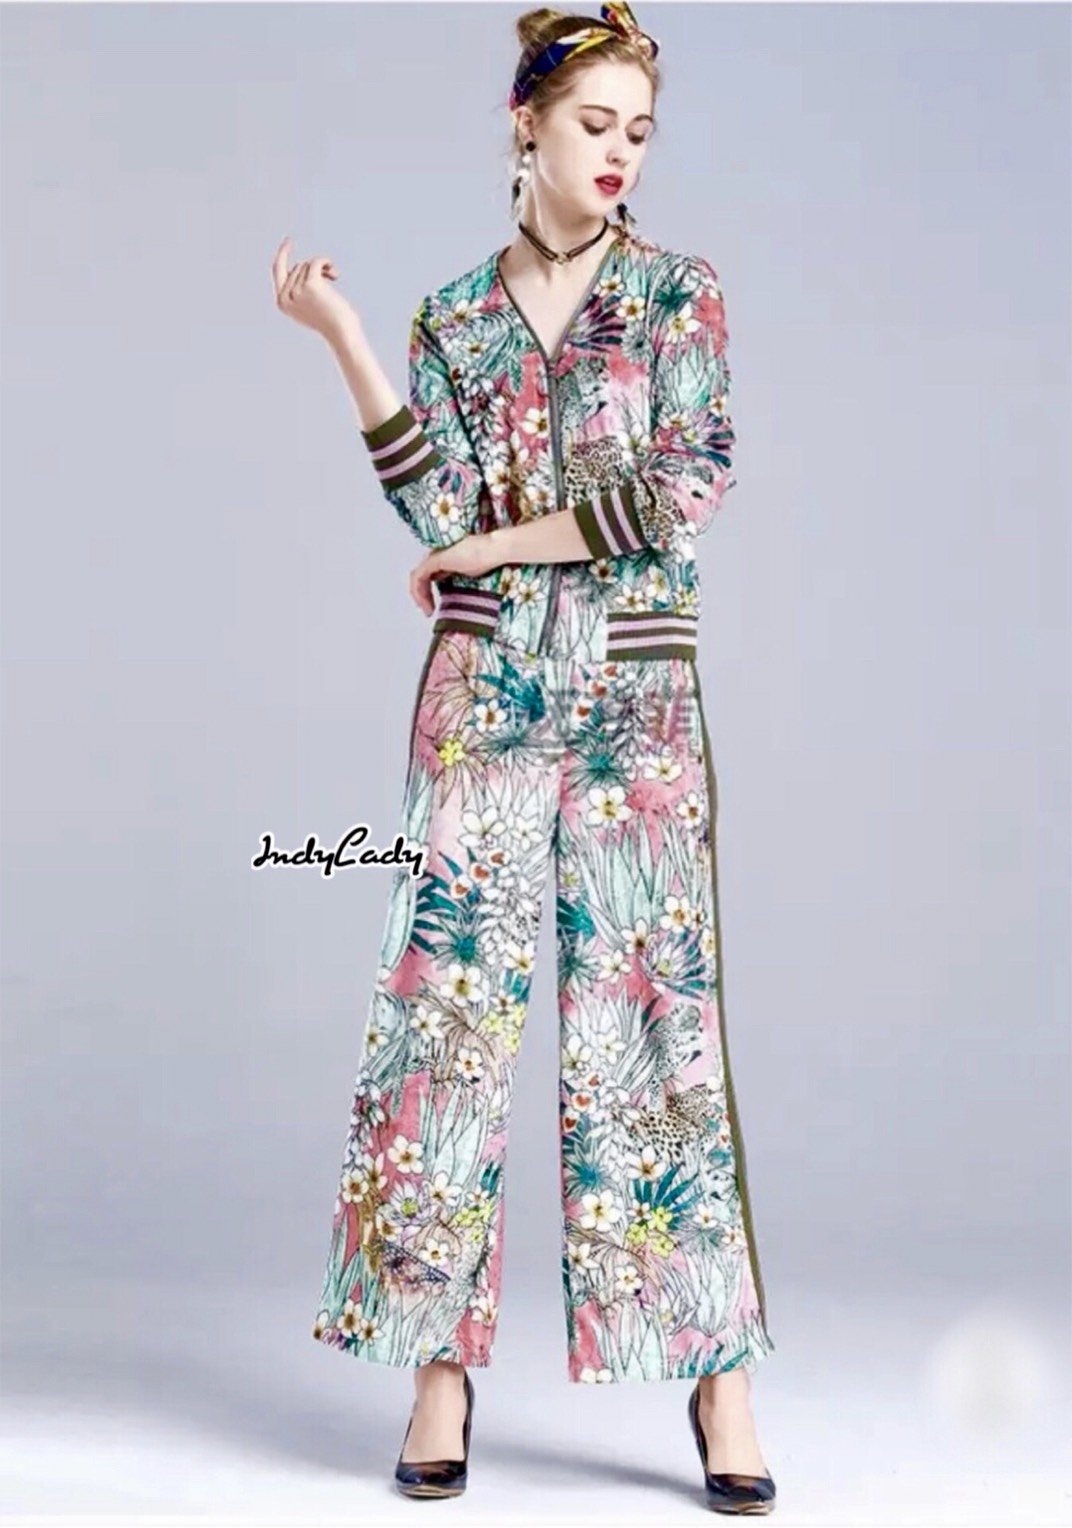 ชุดเซทแฟชั่น Set Jacket เสื้อ+กางเกงขายาวตัวเสื้อซิปหน้ายาวมาคู่กับกางเกงขายาว